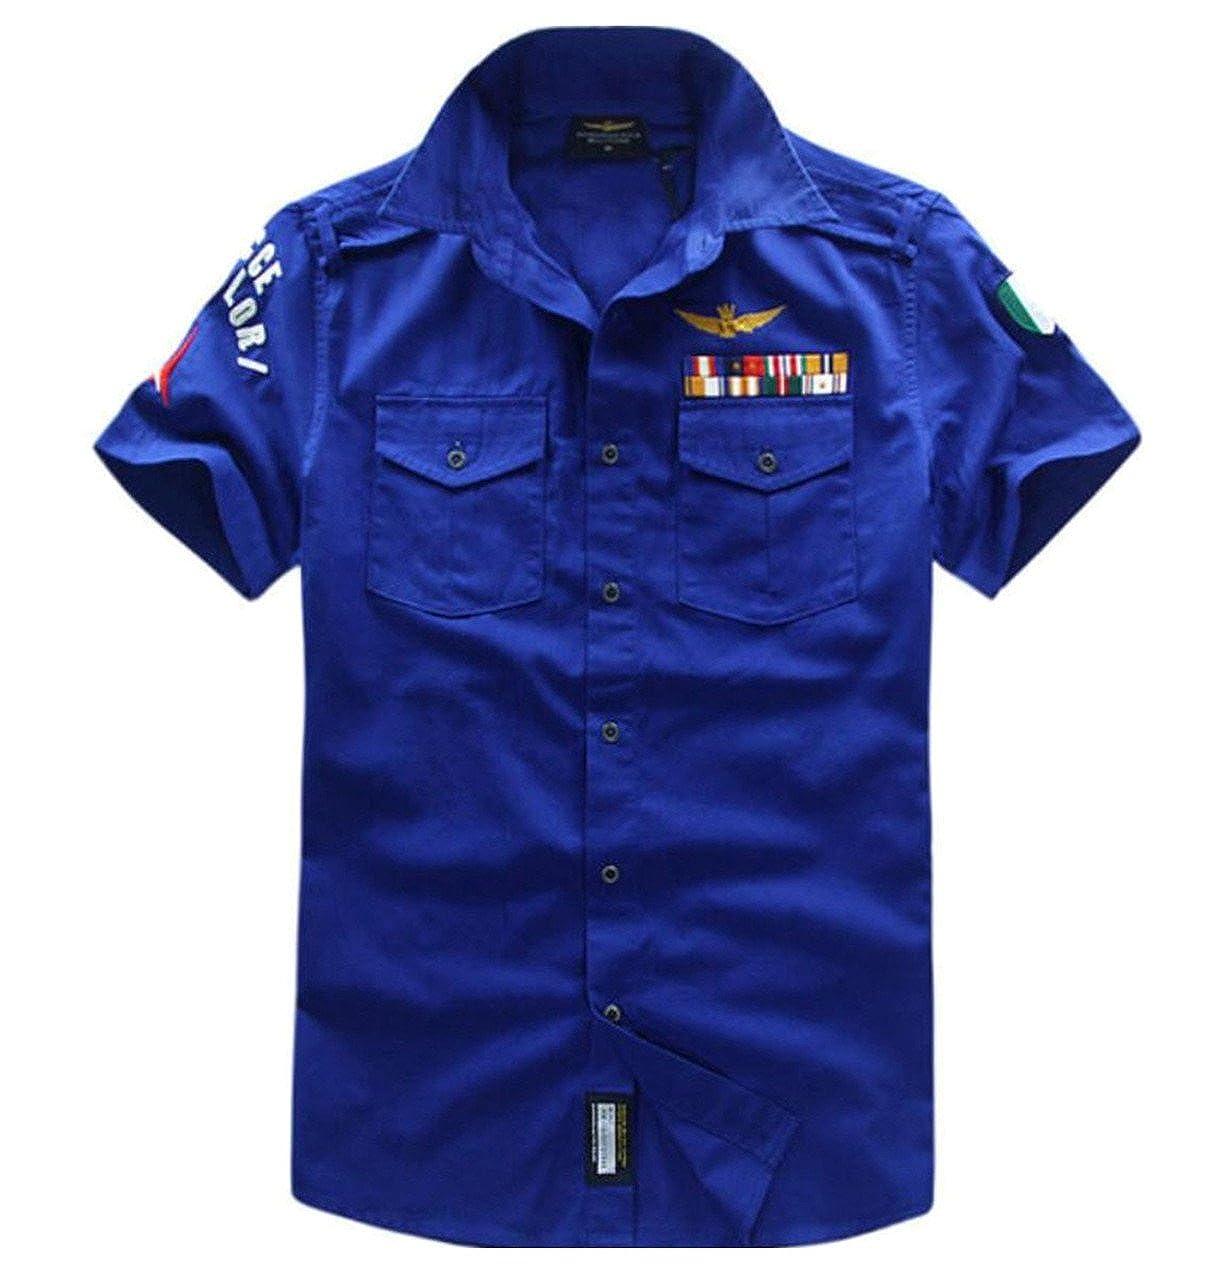 xiaohuobanMen xiaohuoban Mens Slim Fitted Army Short Sleeve Fashion Button Up Shirts Dress Shirt